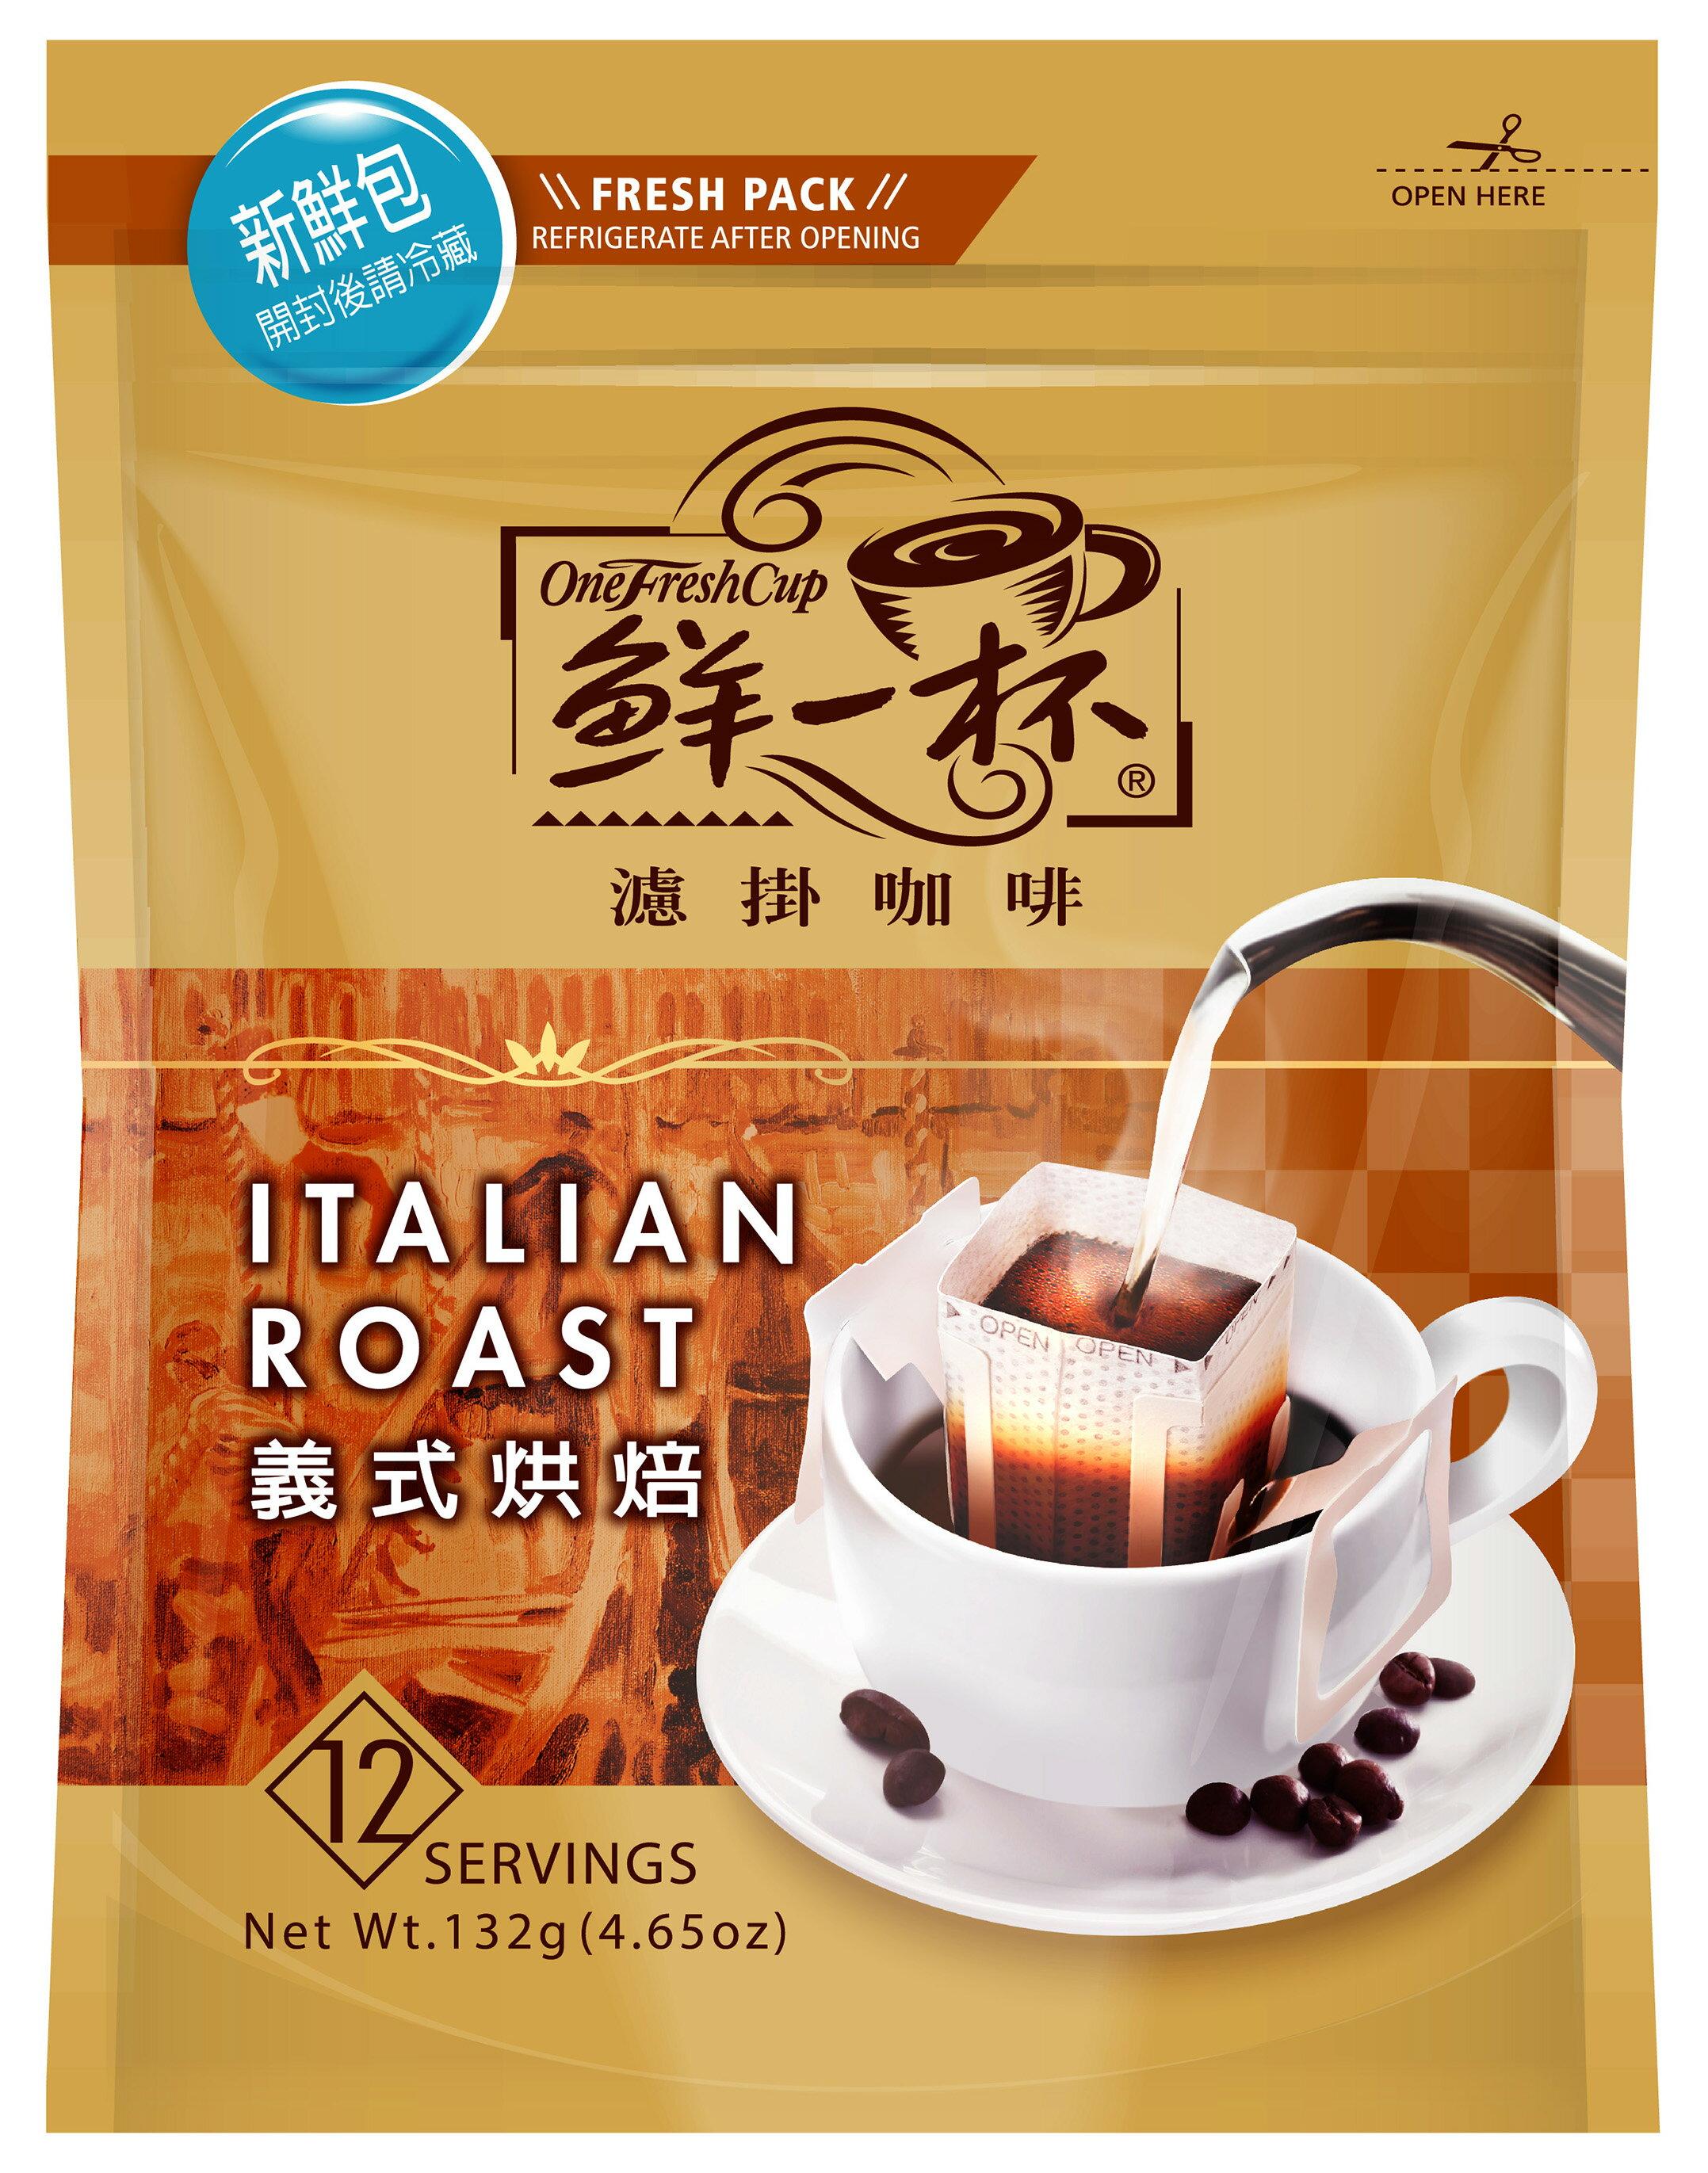 【鮮一杯】義式烘焙濾掛咖啡新鮮包(11克x12入)